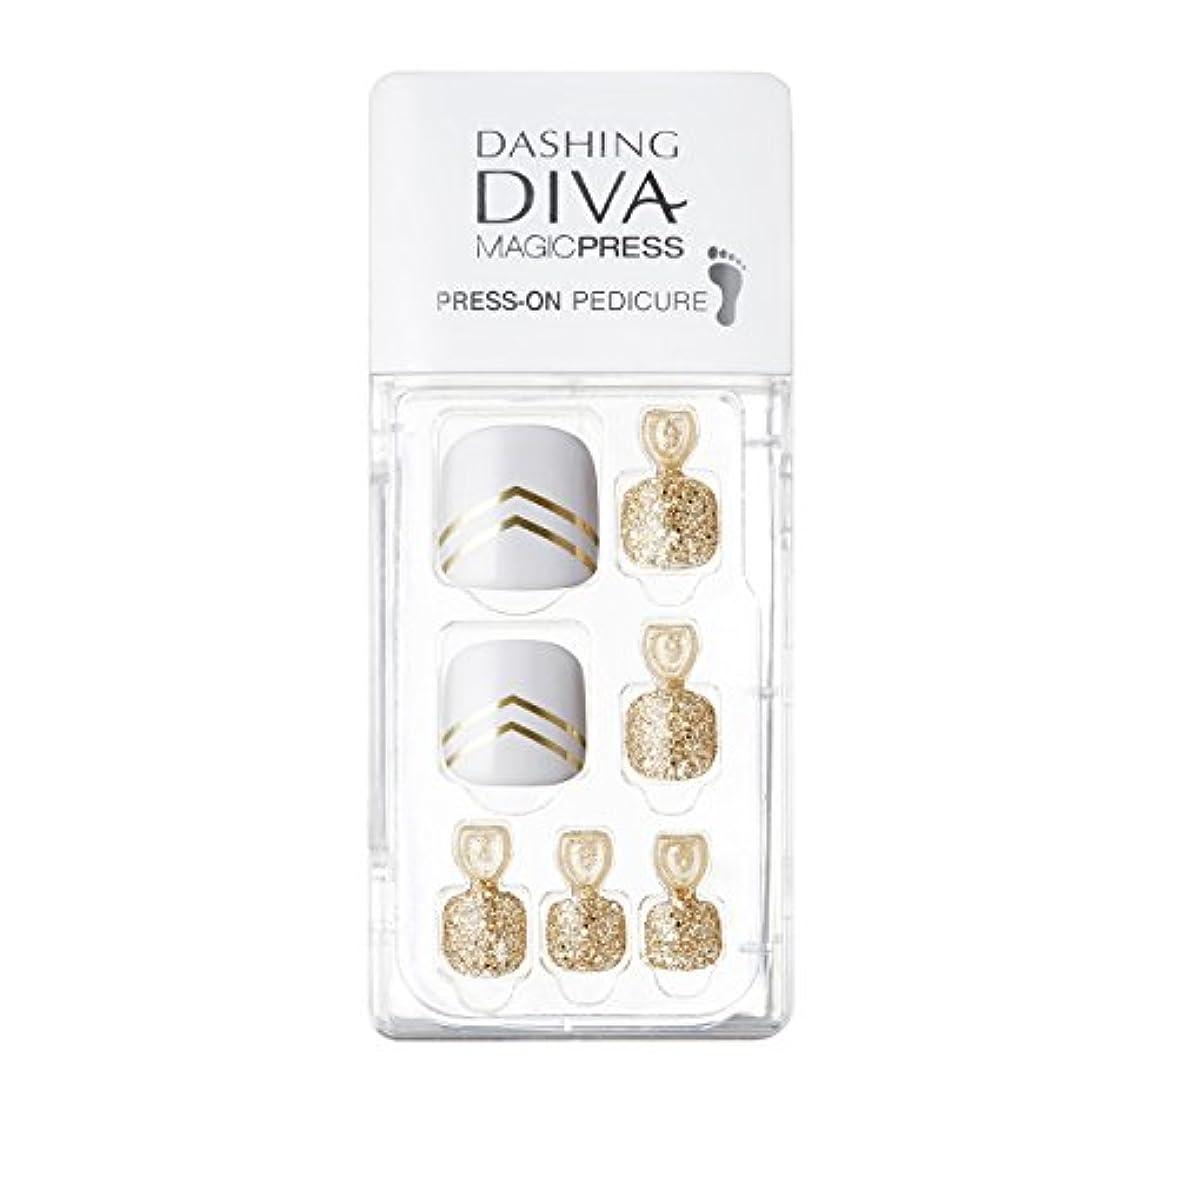 タイマー警戒の間でダッシングディバ マジックプレス DASHING DIVA MagicPress MDR001P-DURY+ オリジナルジェル ネイルチップ